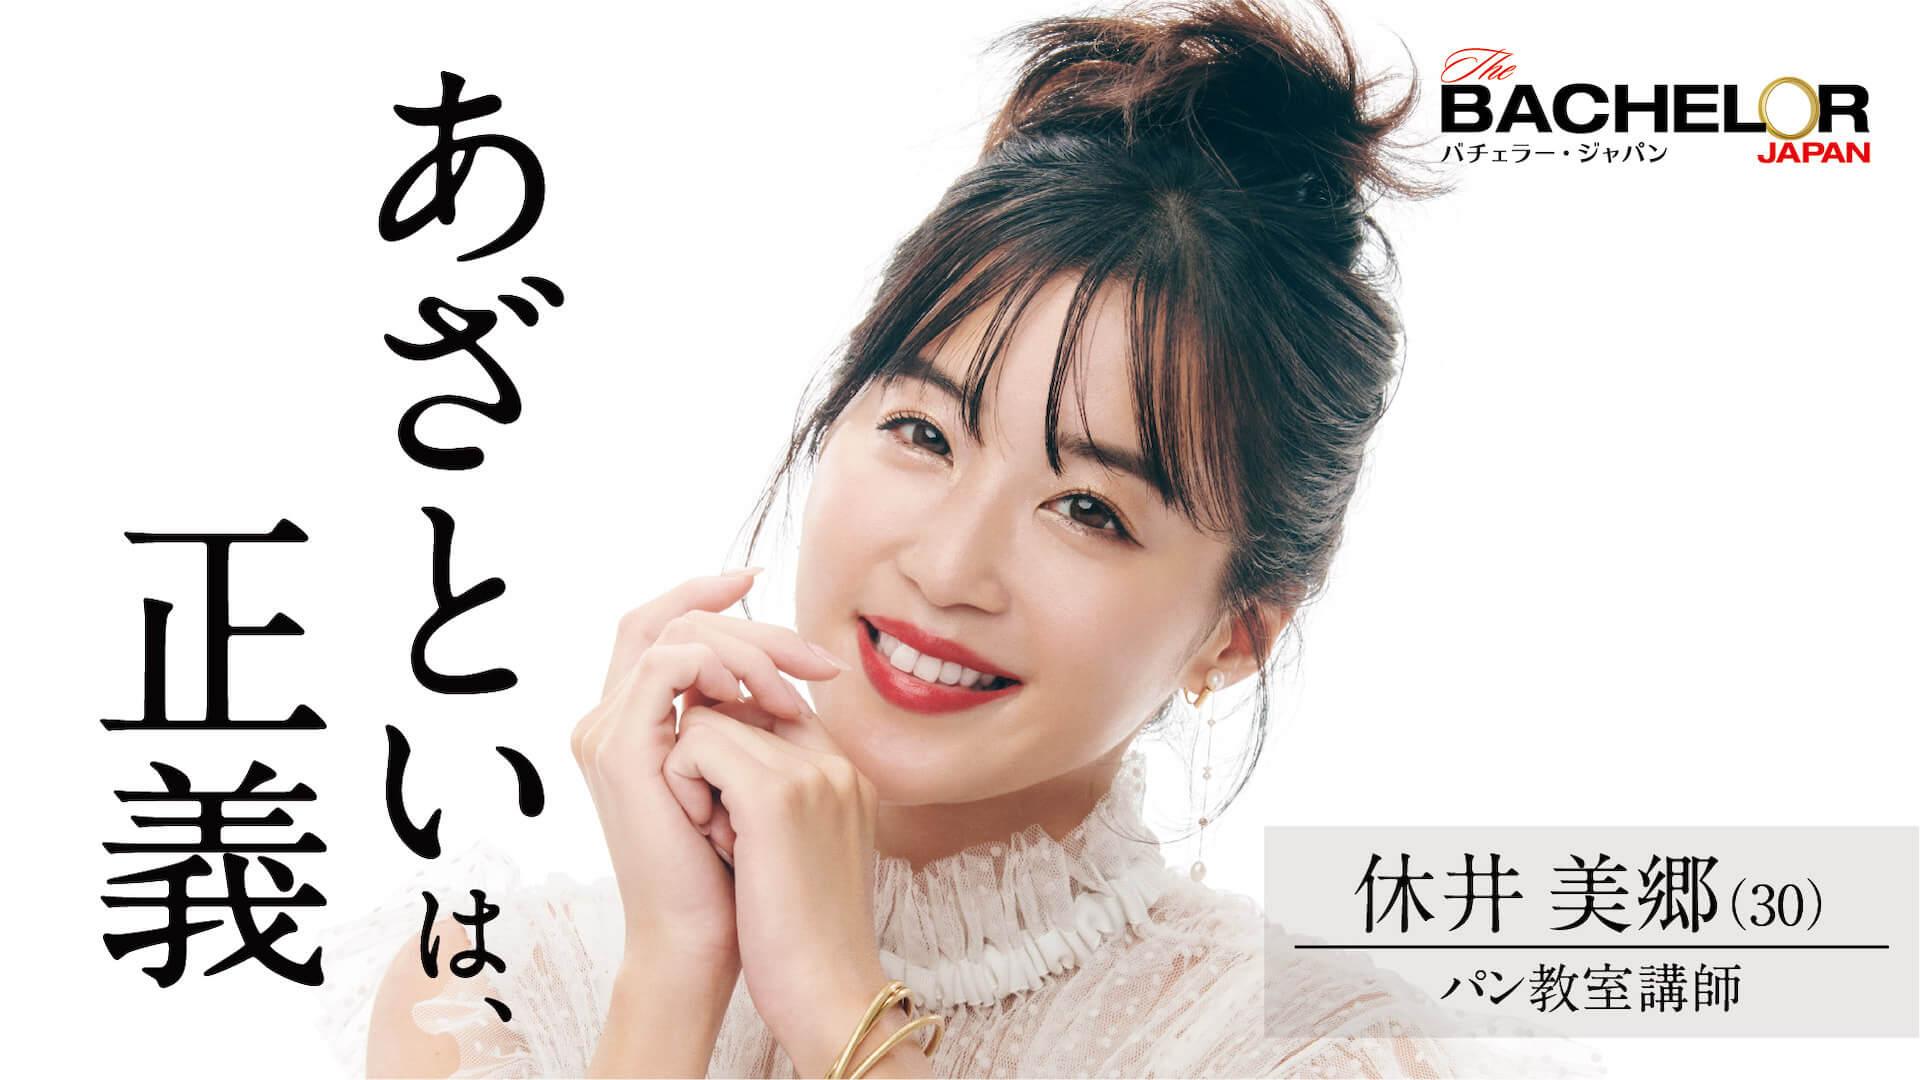 モデル、レディ・ユニバース2020日本代表、医者、経営者など続々登場!『バチェラー・ジャパン』シーズン4の女性参加者15名が一挙発表 art211007_bacelorjapan_15